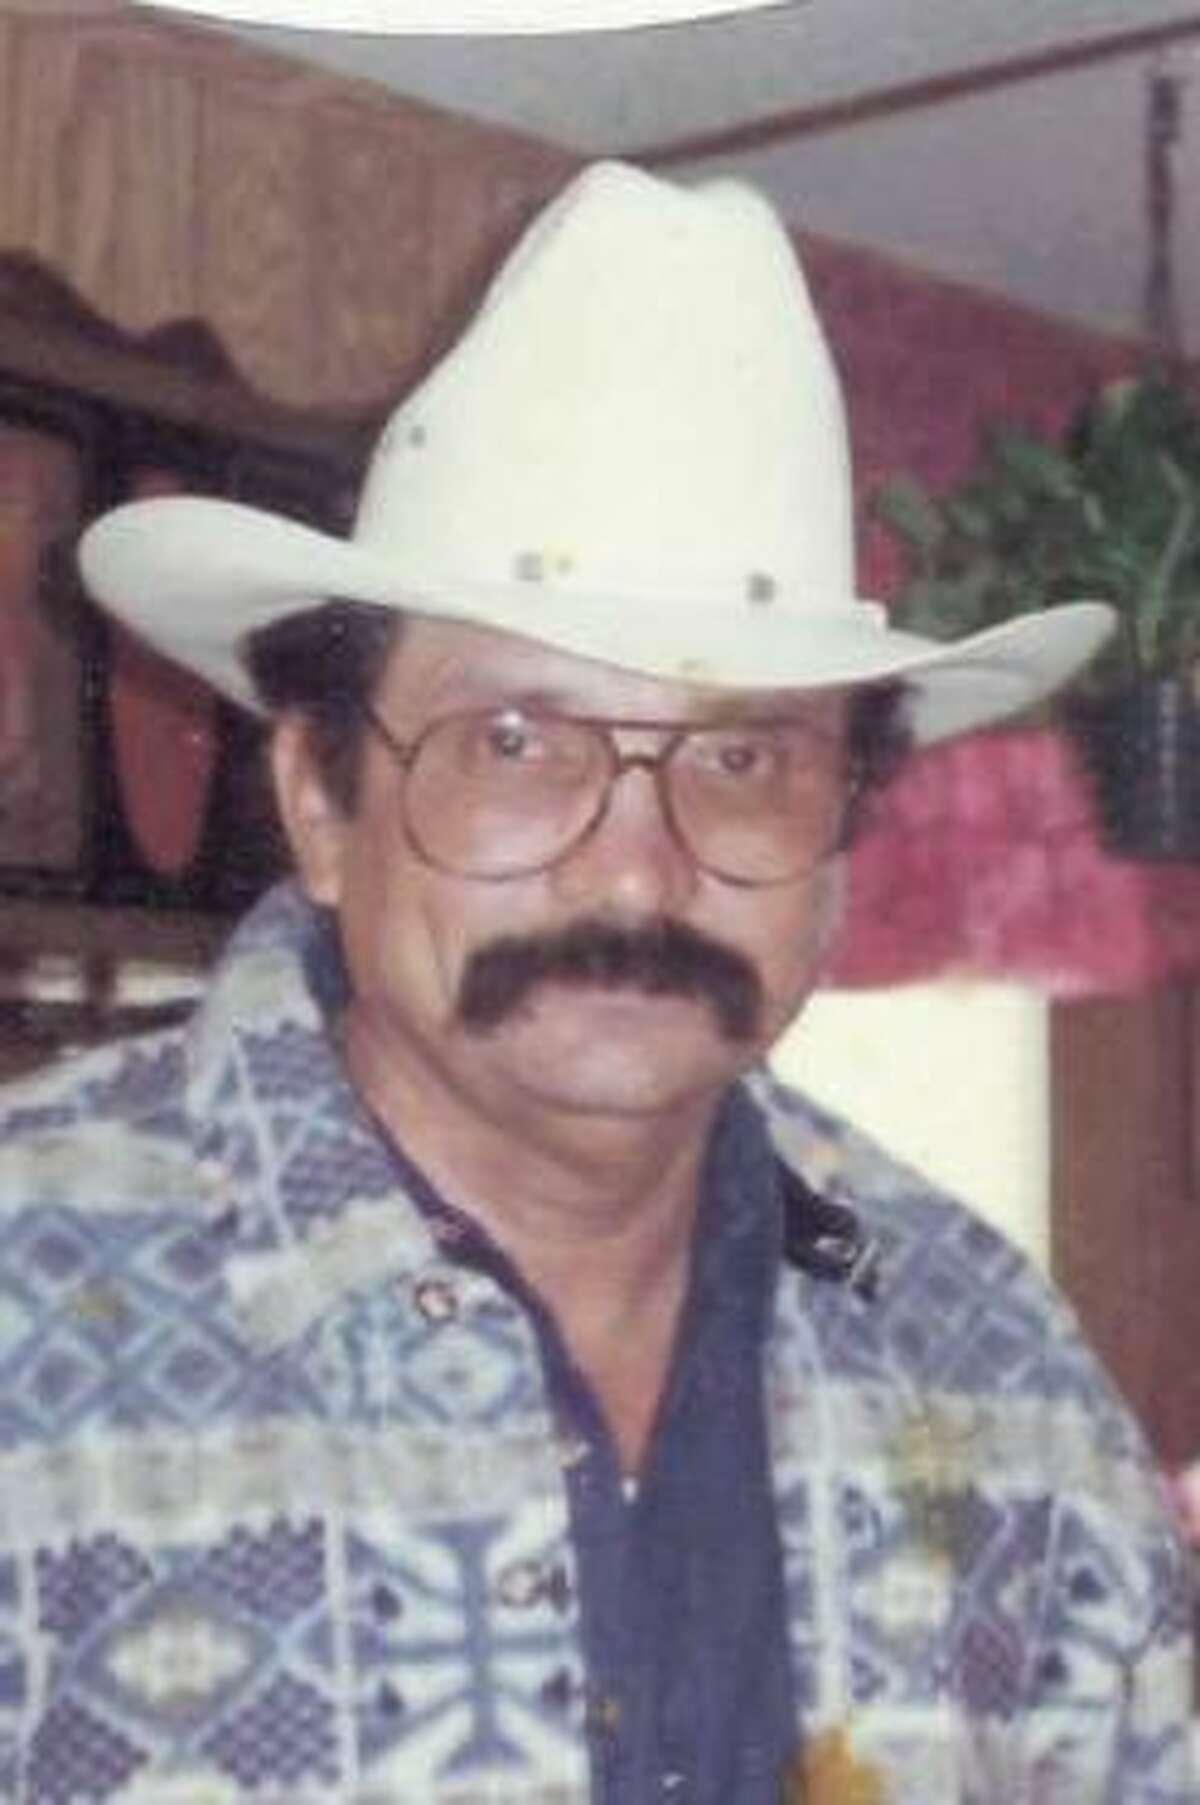 Pablo Treviño